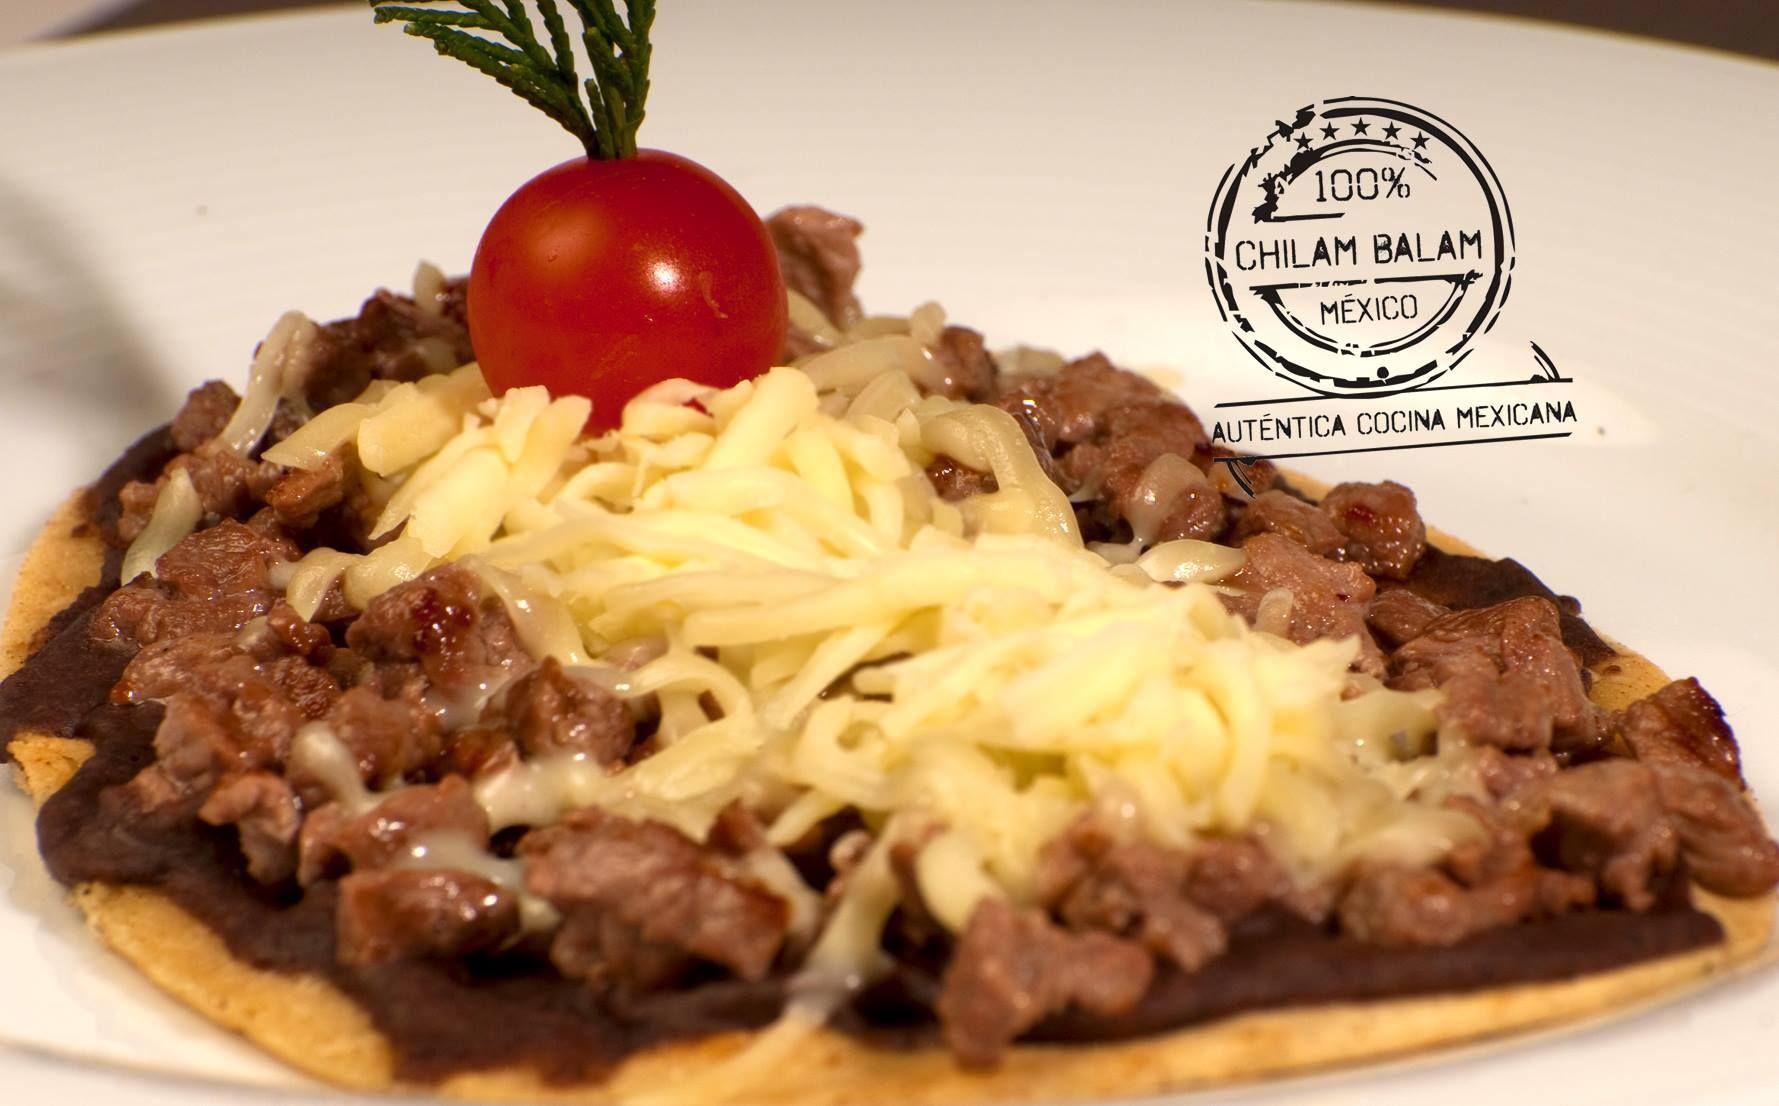 Foto 11 de Cocina mexicana en  | Chilam Balam